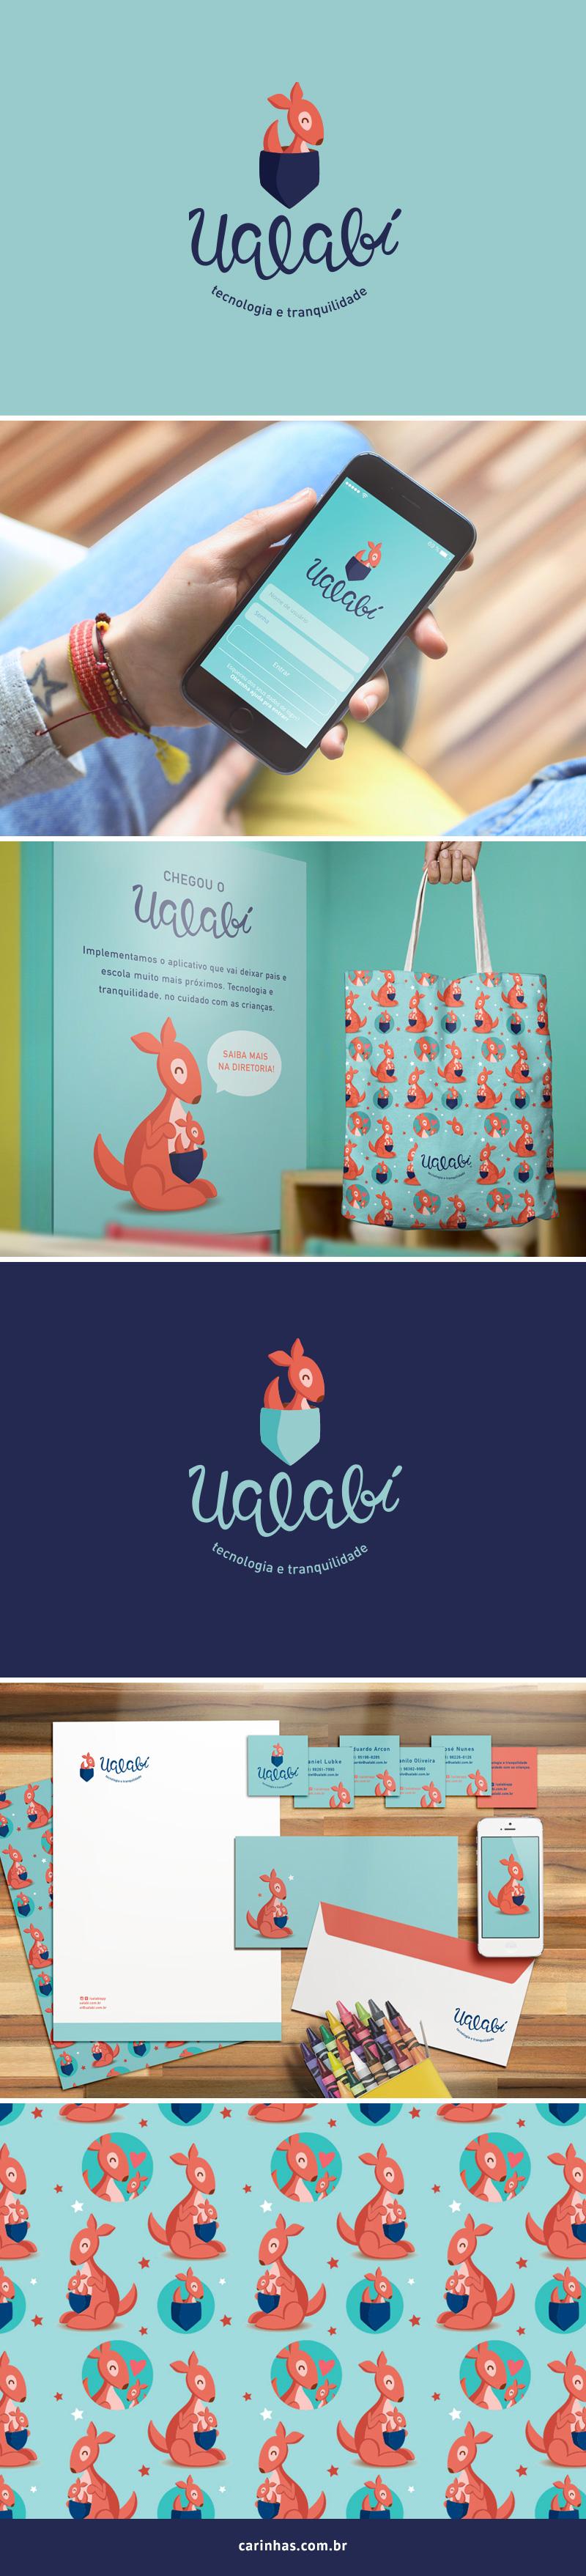 Marca Apaixonante para a Ualabí - carinhas.com.br